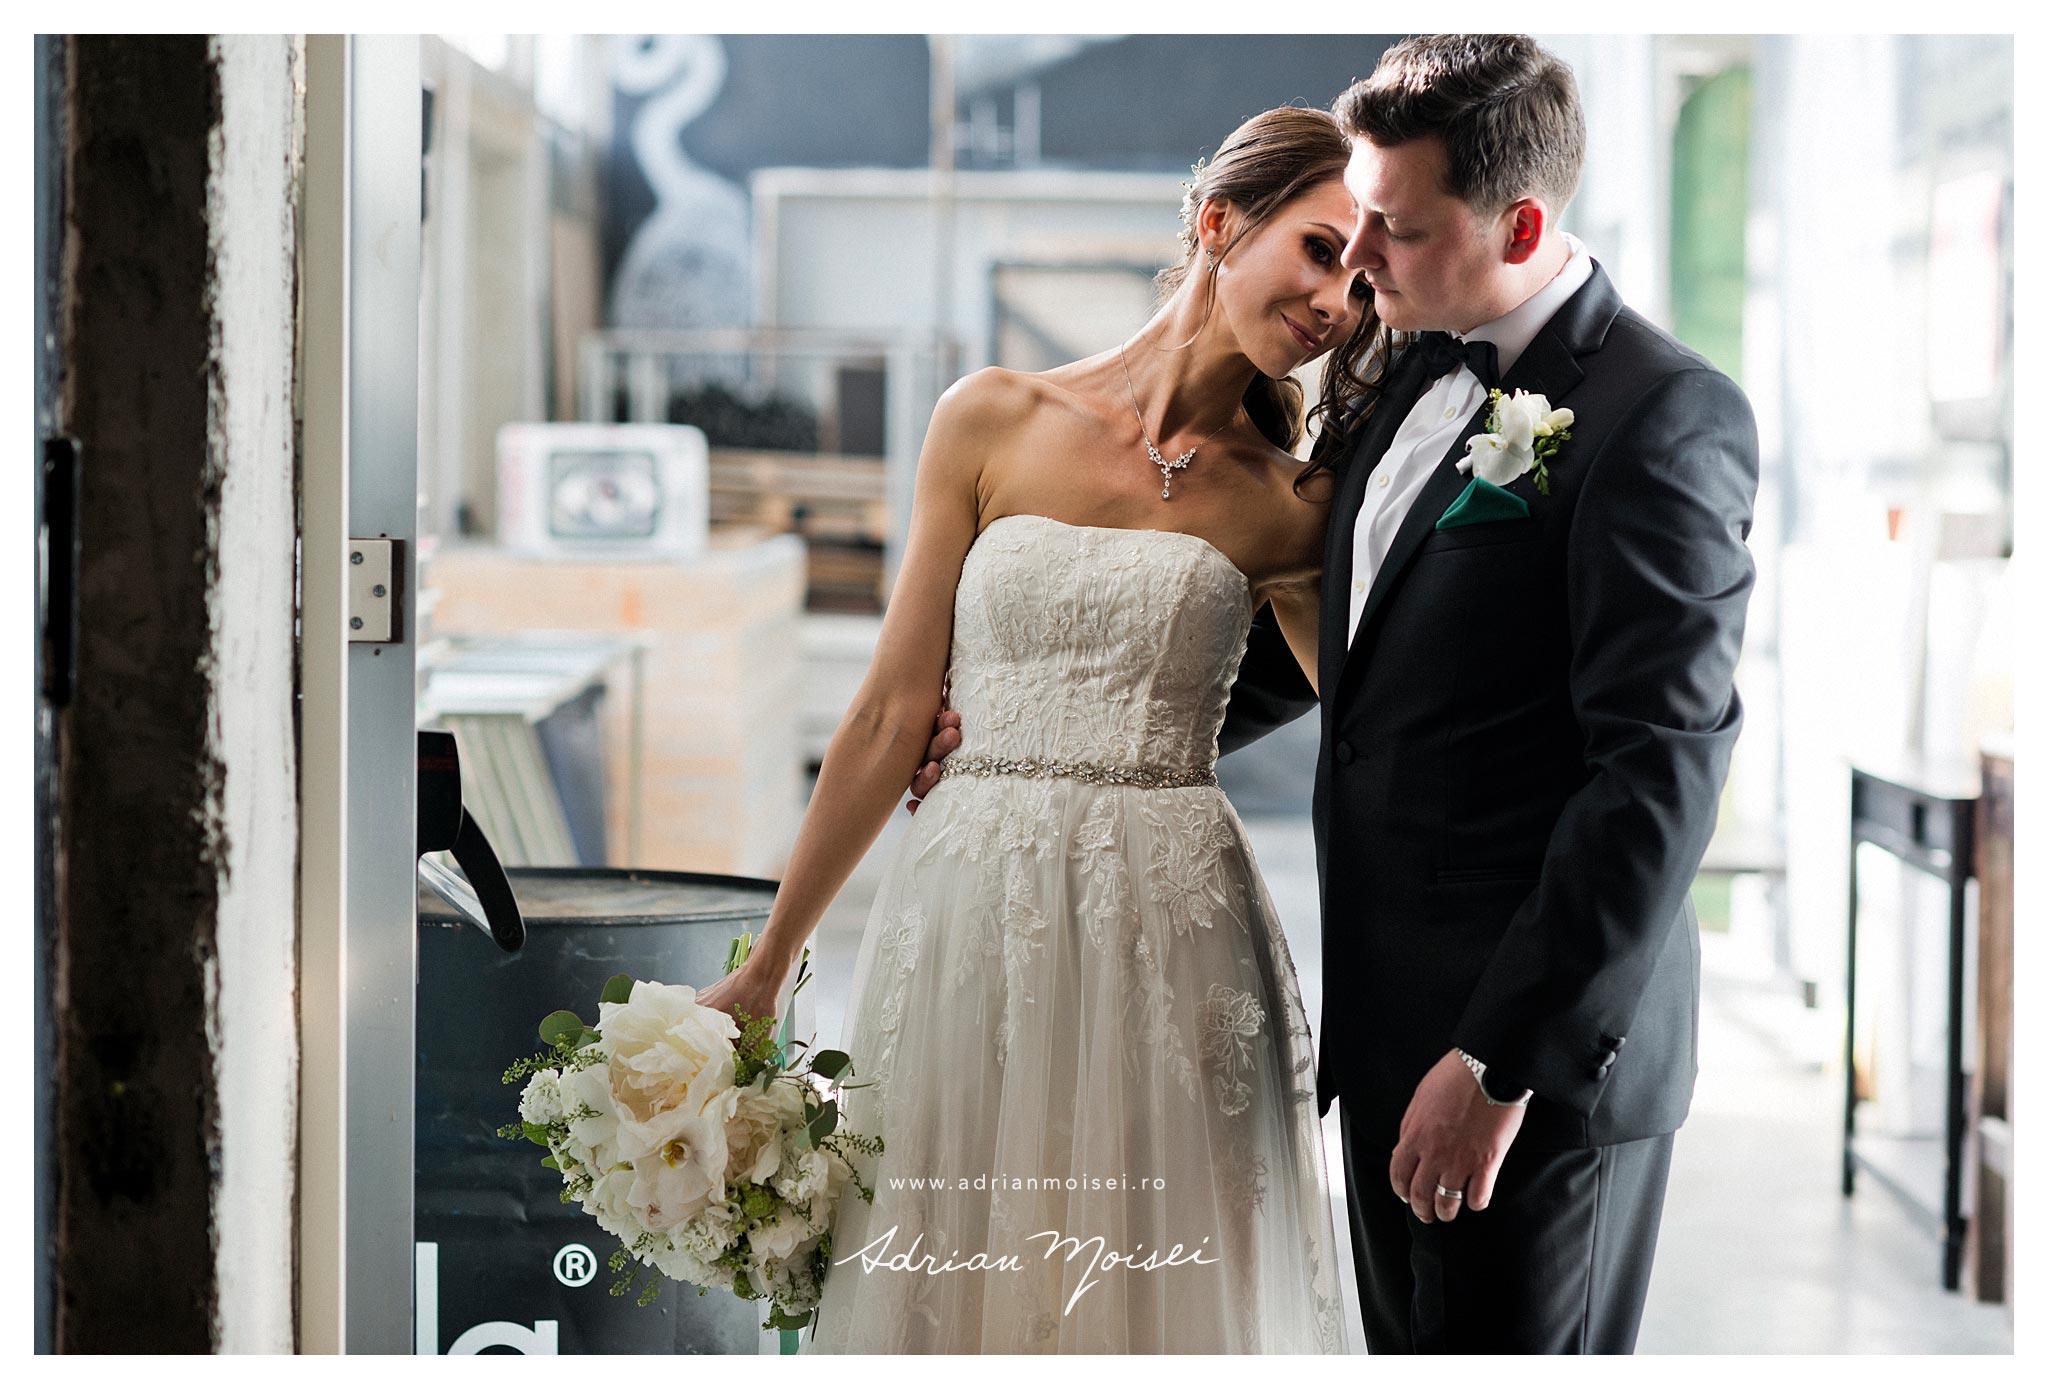 Fotografie de la o nunta cu mire englez, intre Carl si Simona, in care am constatat cu bucurie cat de frumos este schimbul cultural si ca englezii sunt oameni minunati.Fotograf nunta Iasi, Adrian Moisei. Am realizat si o filmare, in calitate de videograf Iasi, cadoul meu pentru miri.